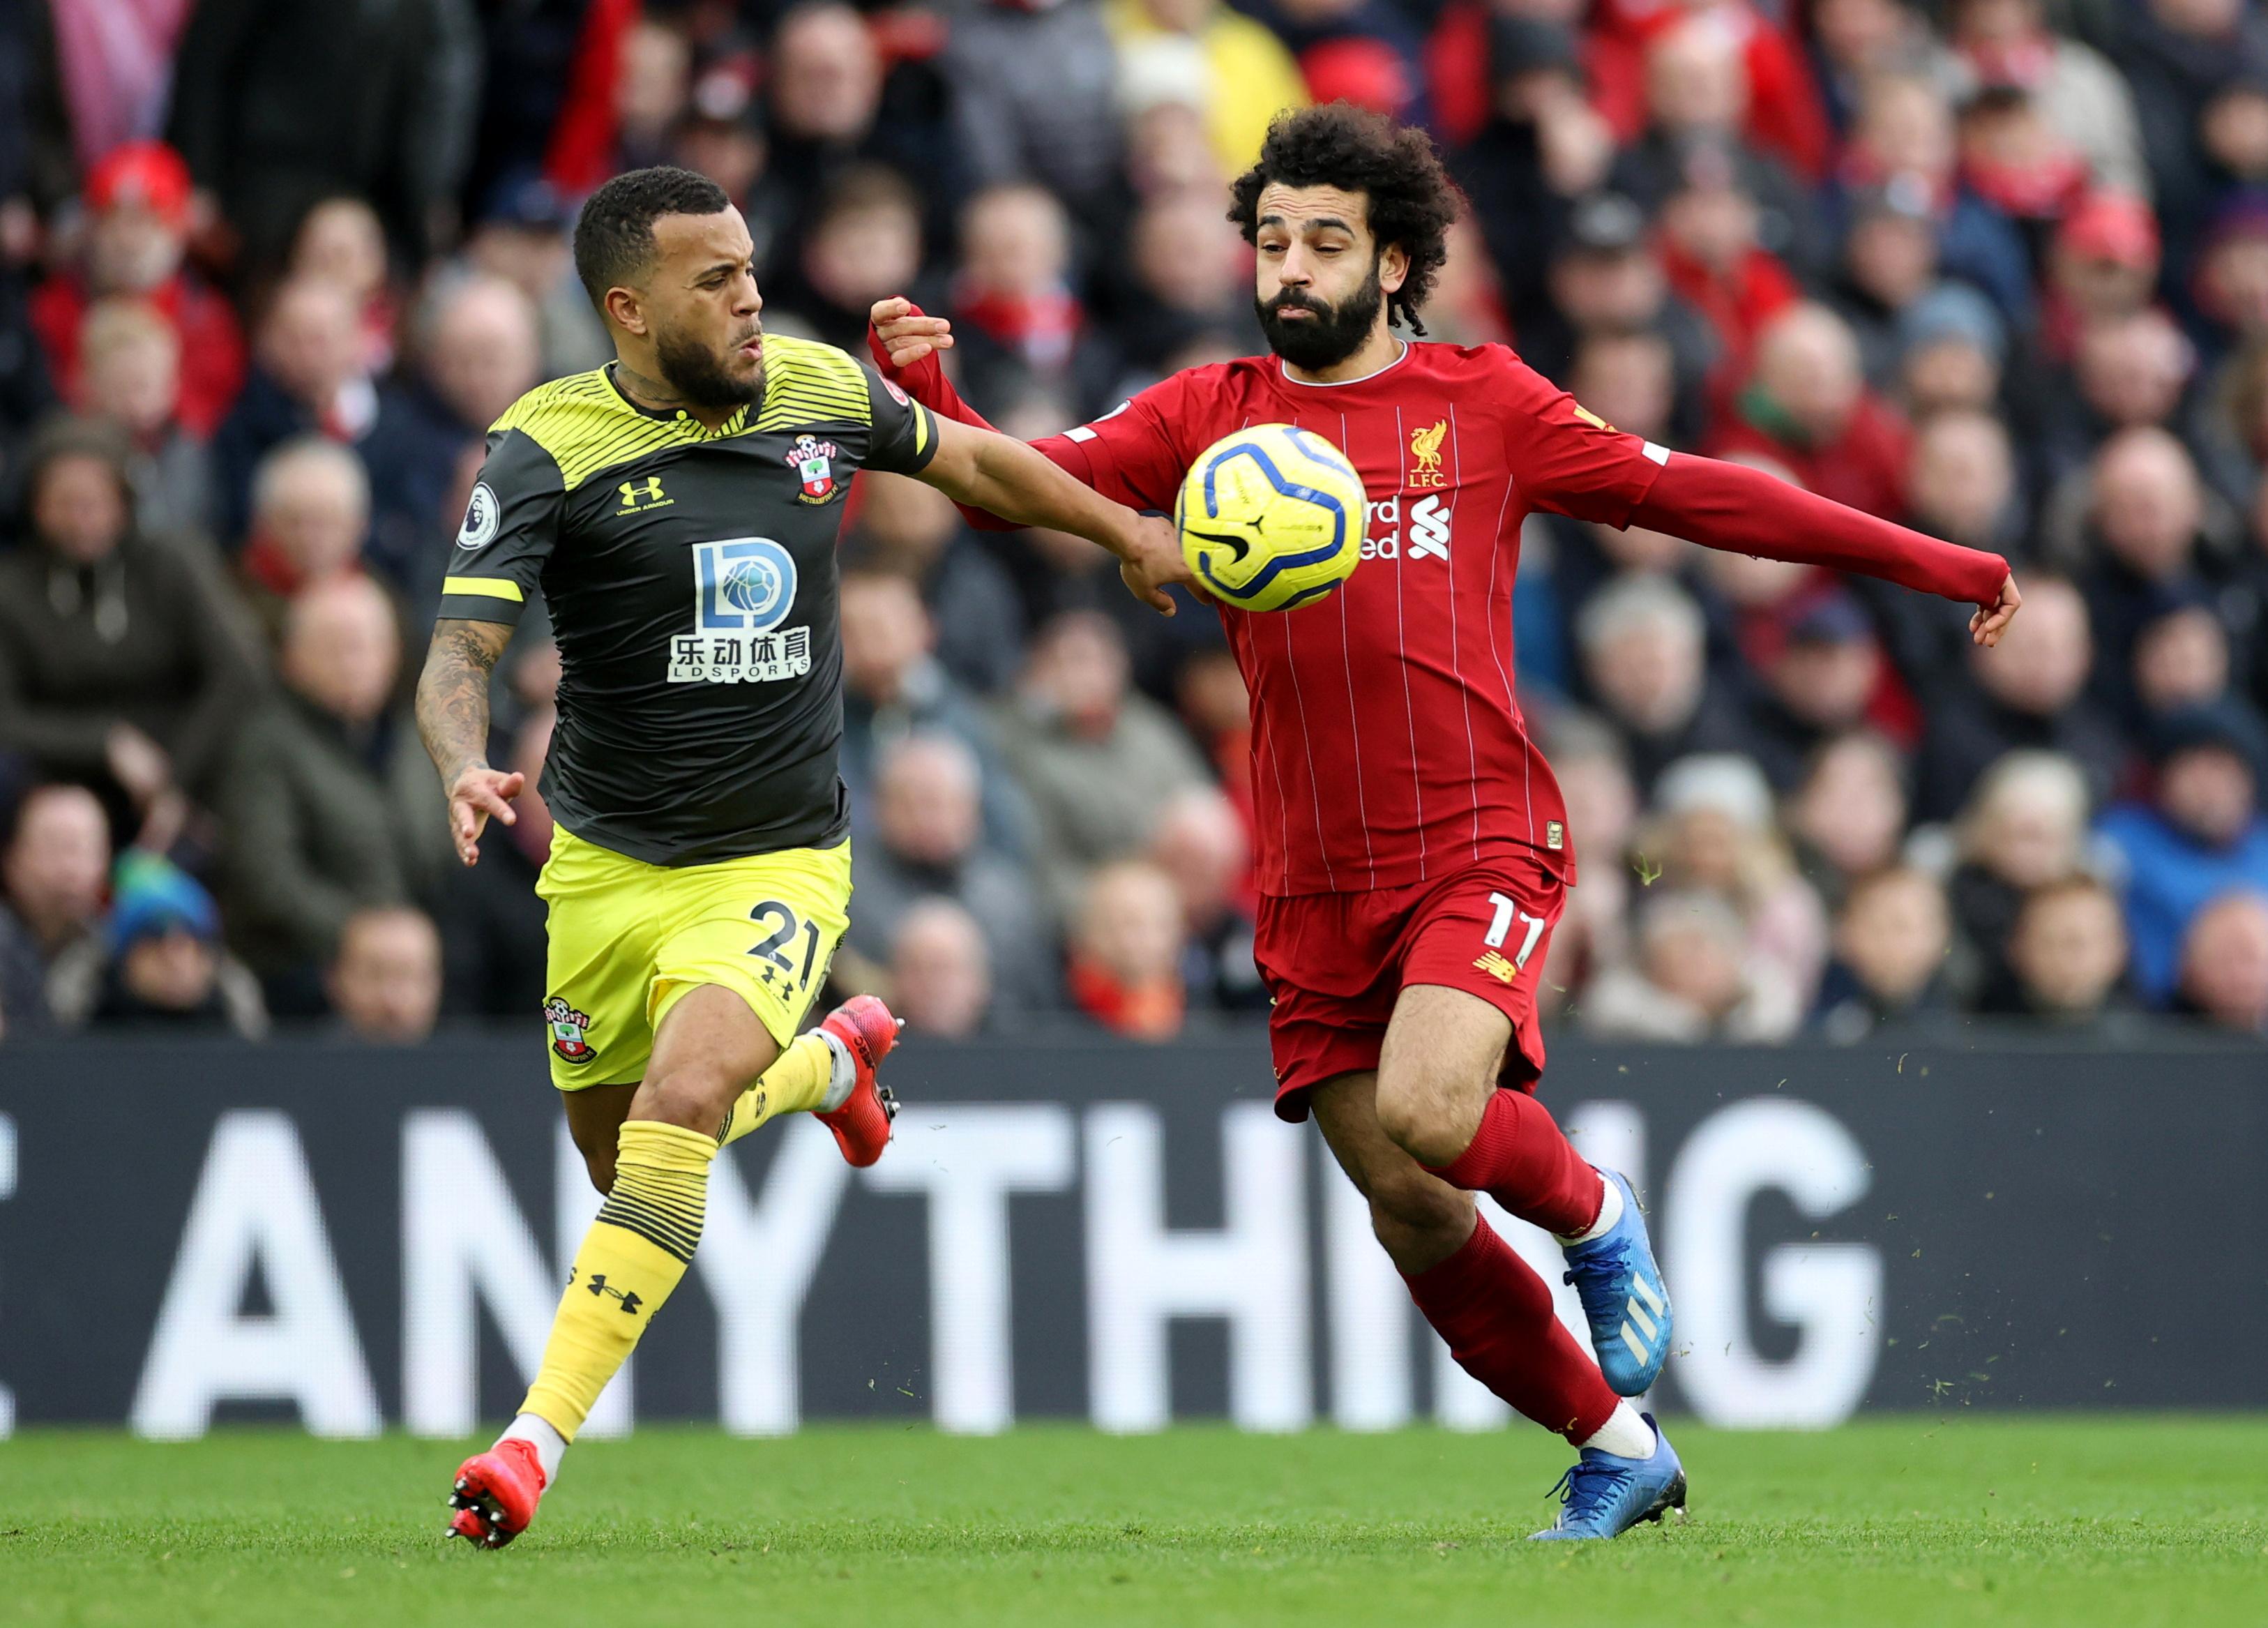 محمد صلاح في مباراة ليفربول ضد ساوثهامبتون (3)